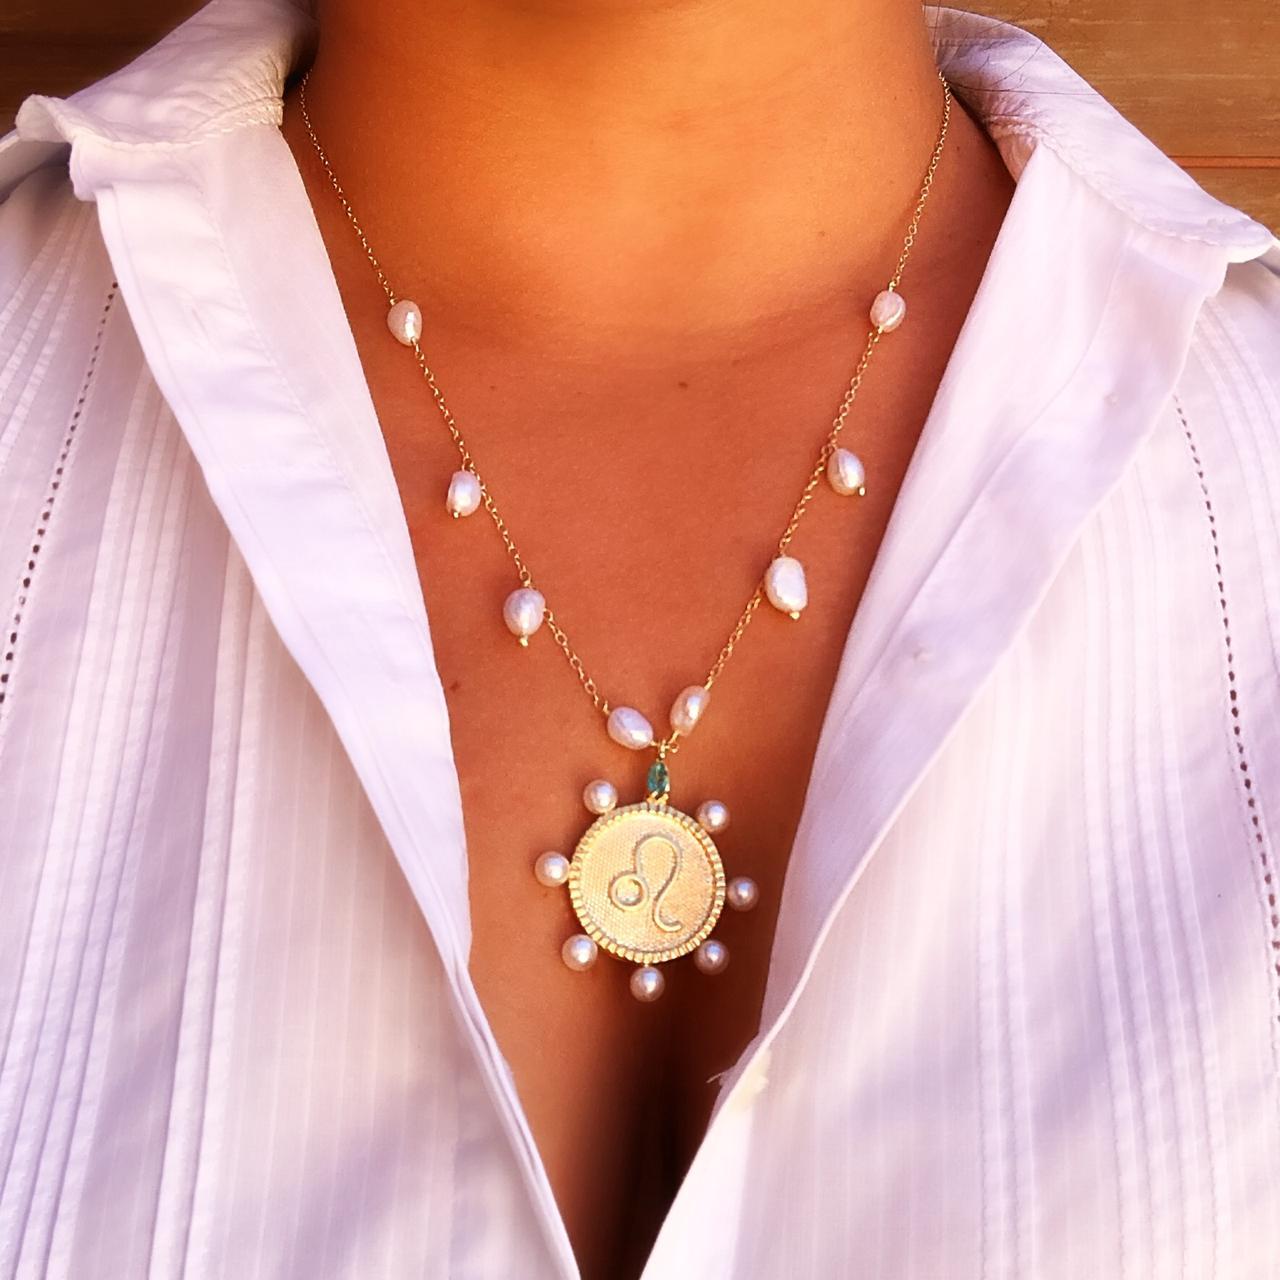 Colar Medalha Signos do Zodíaco com Pérolas e Banho Ouro 18K